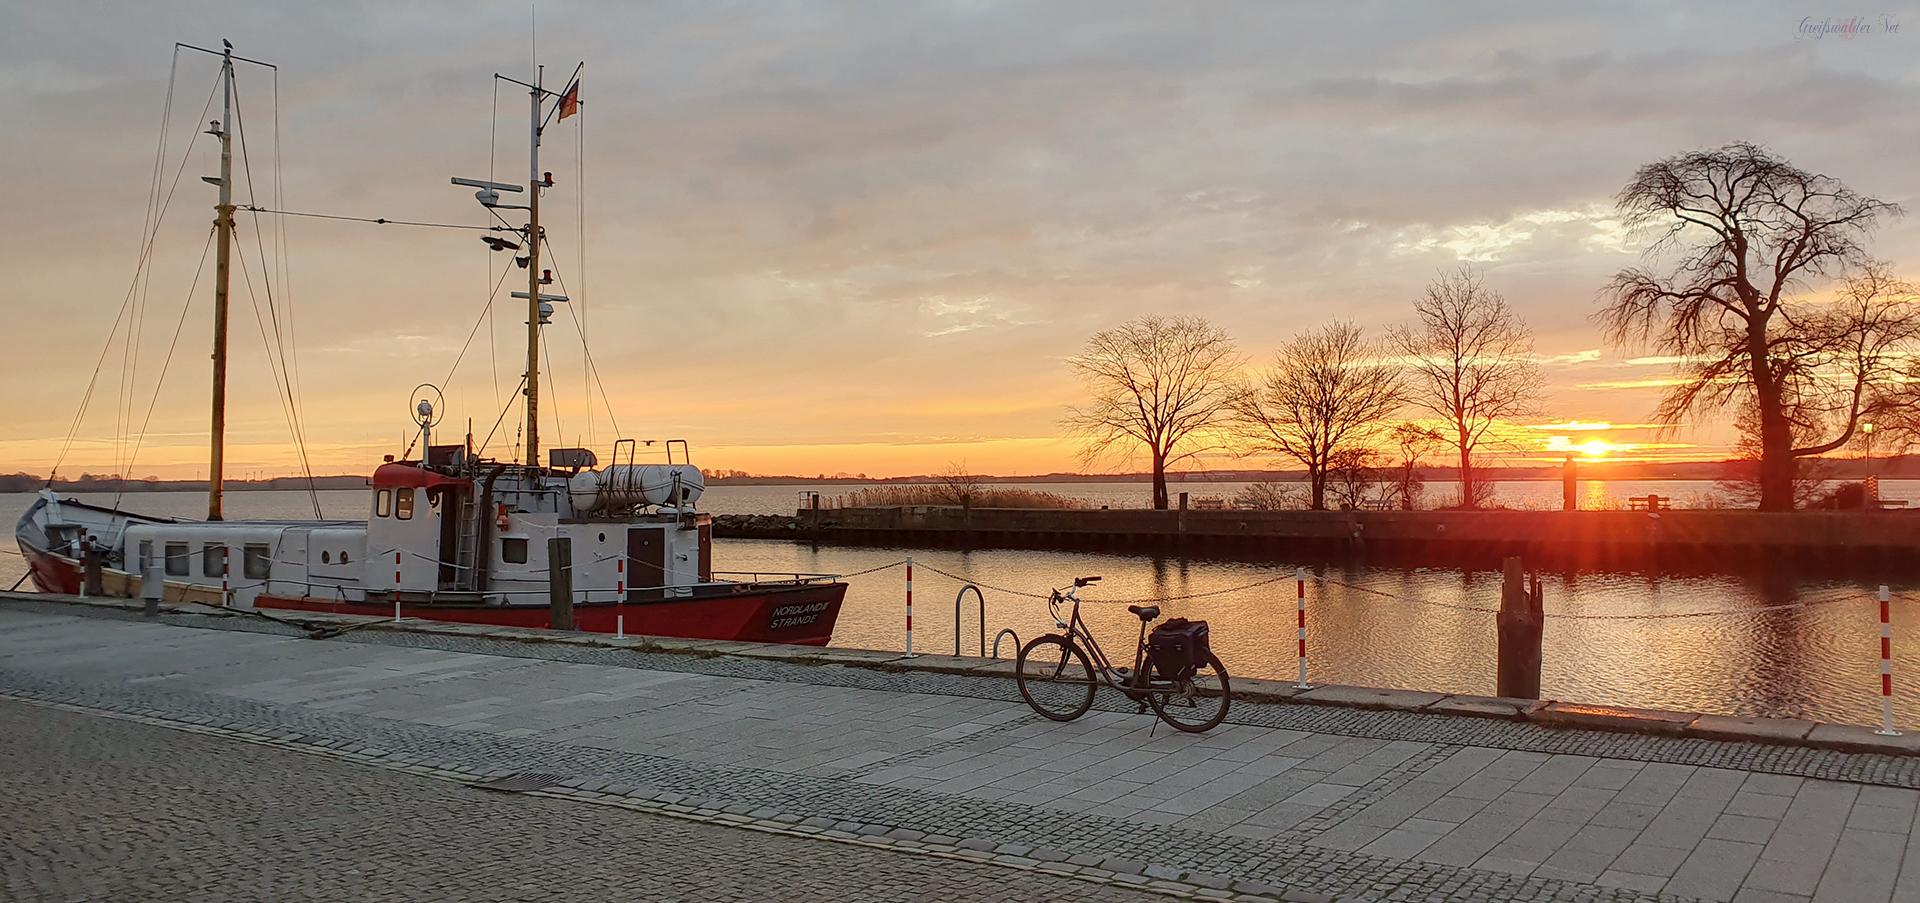 Sonnenaufgang bei 0°C in Greifswald-Wieck